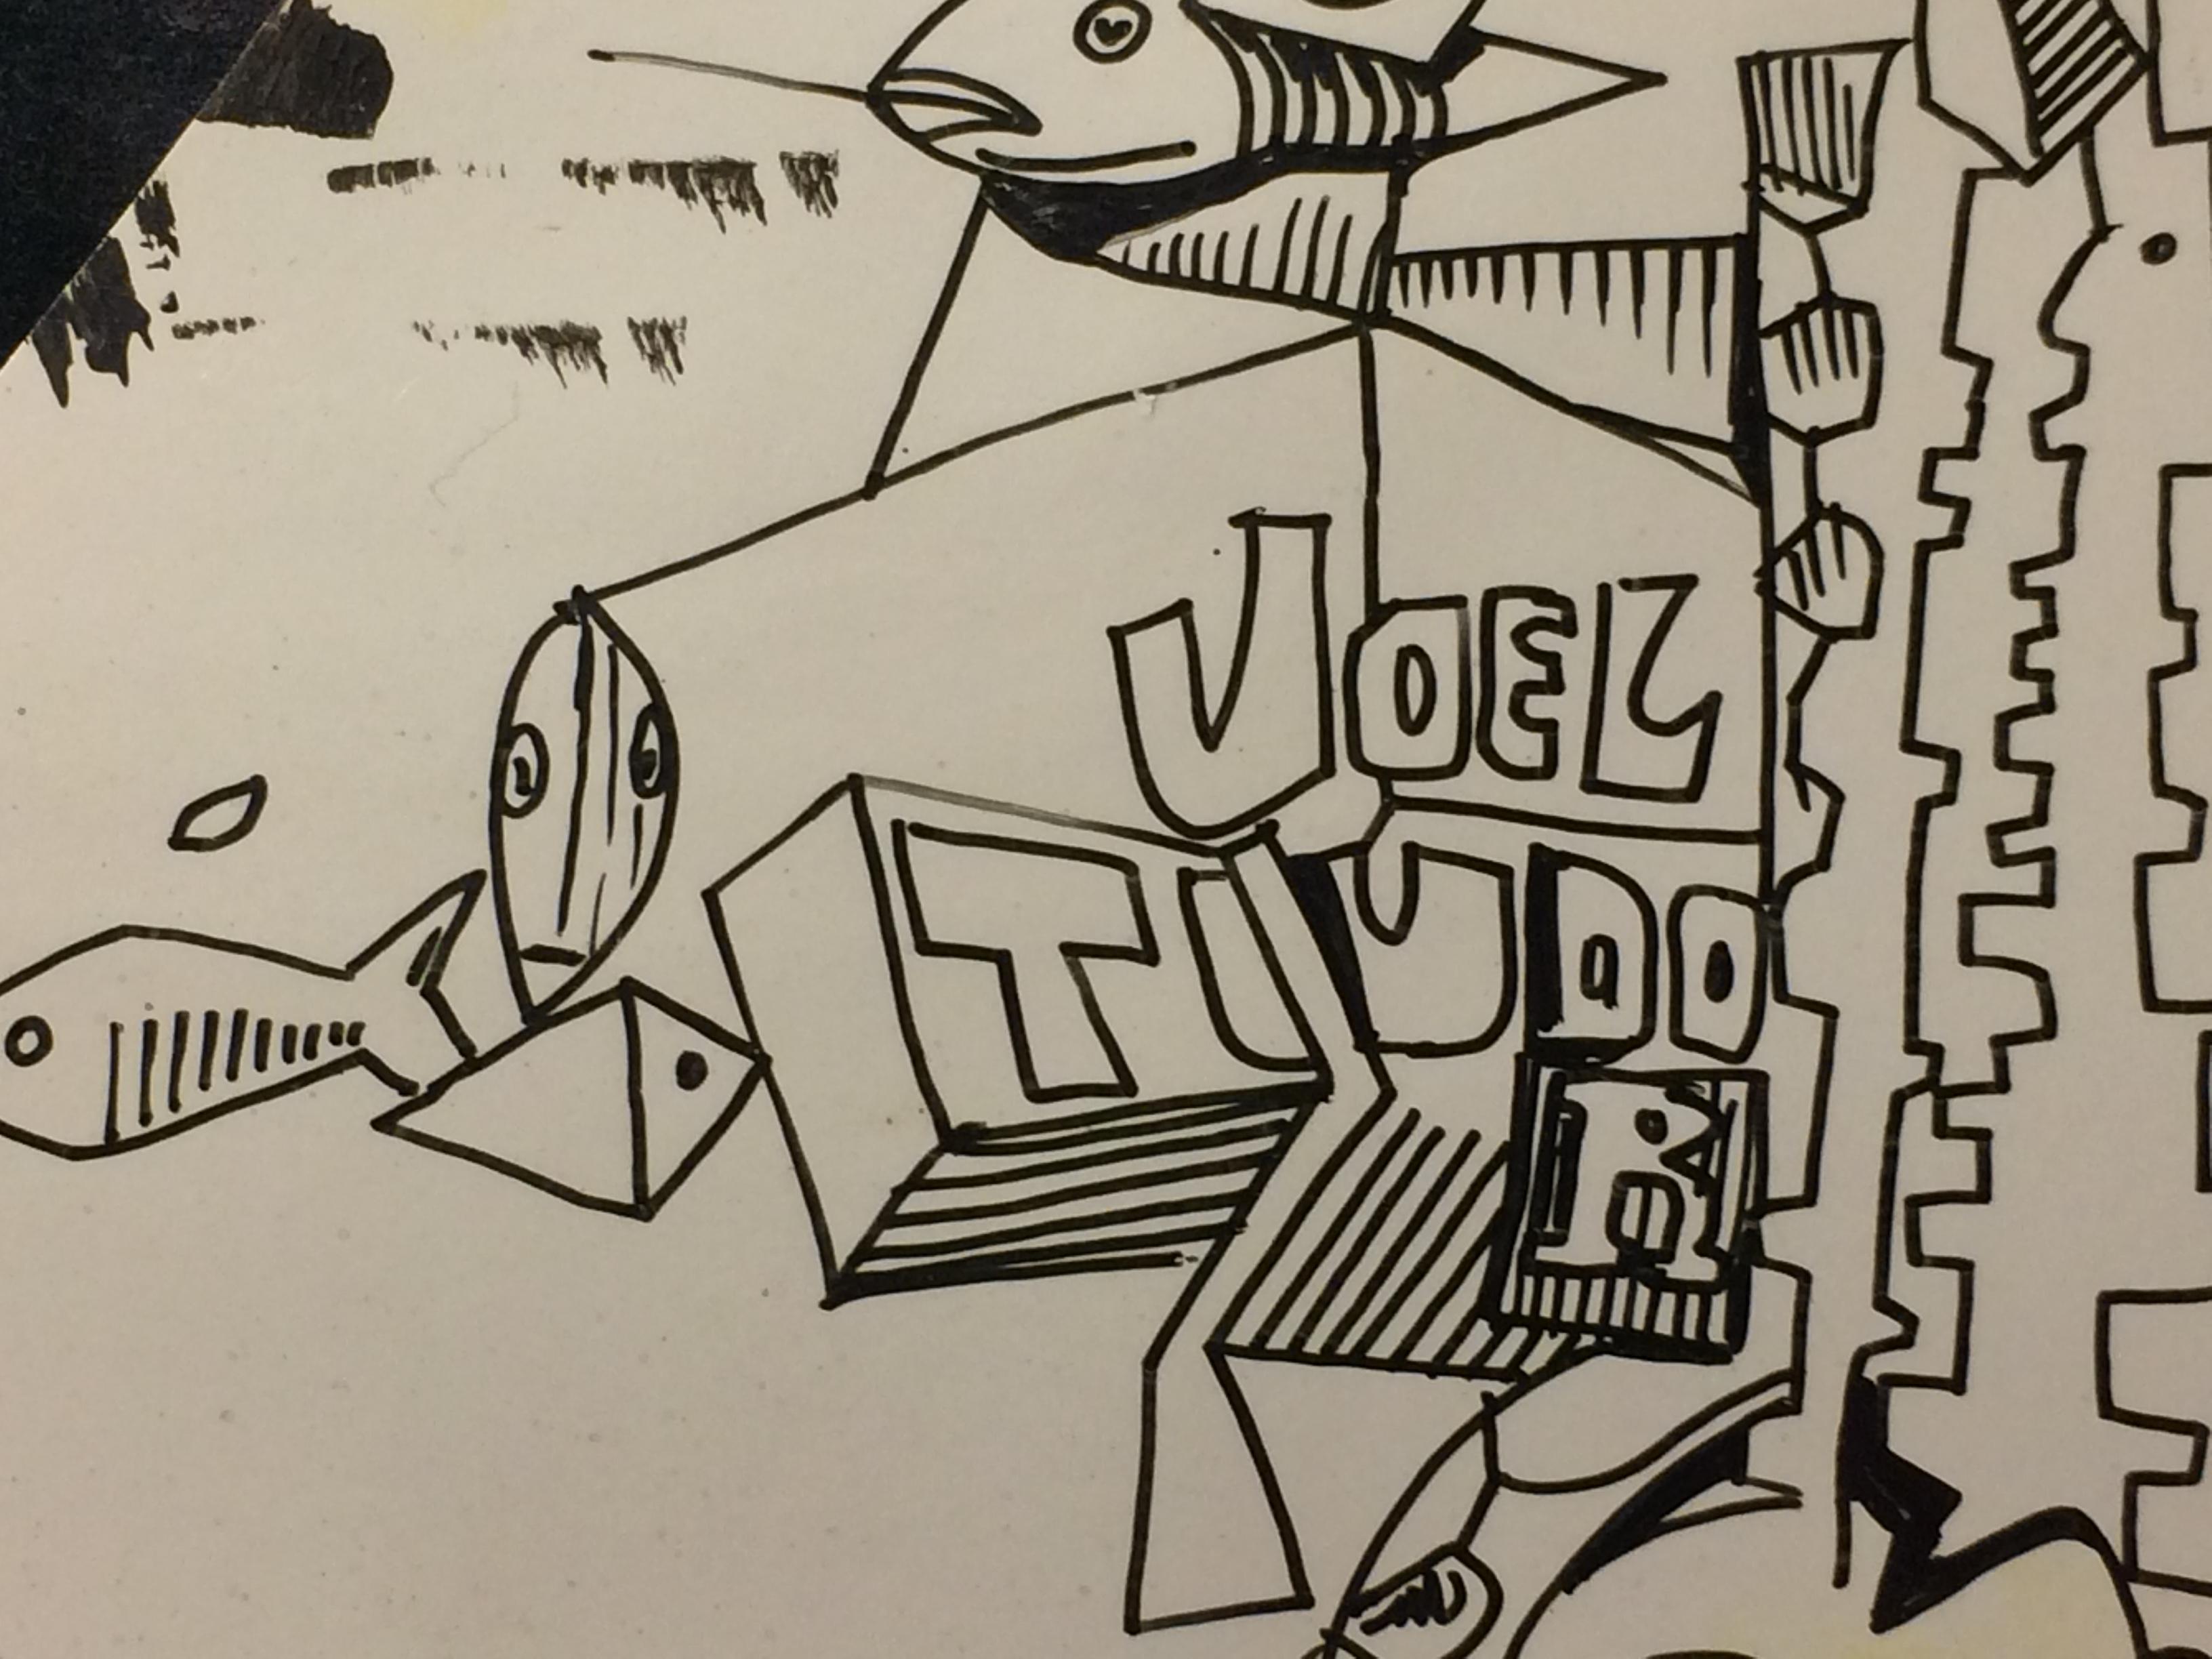 Joel Tudor